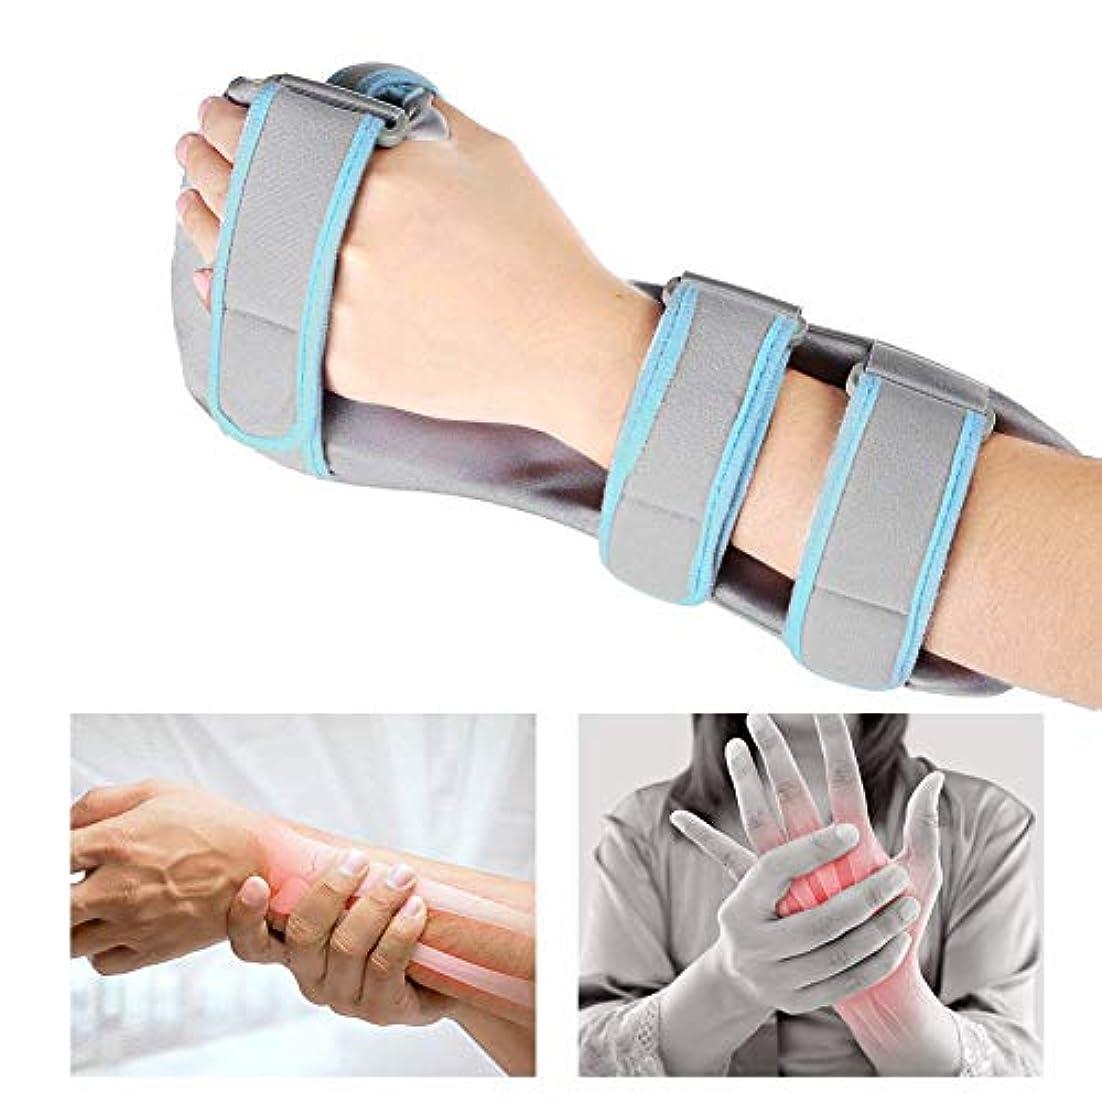 栄光統治する含める手首のサポート 手首の装具ハンドサポート骨折靭帯損傷手根管、捻and、関節痛の軽減-1pcs